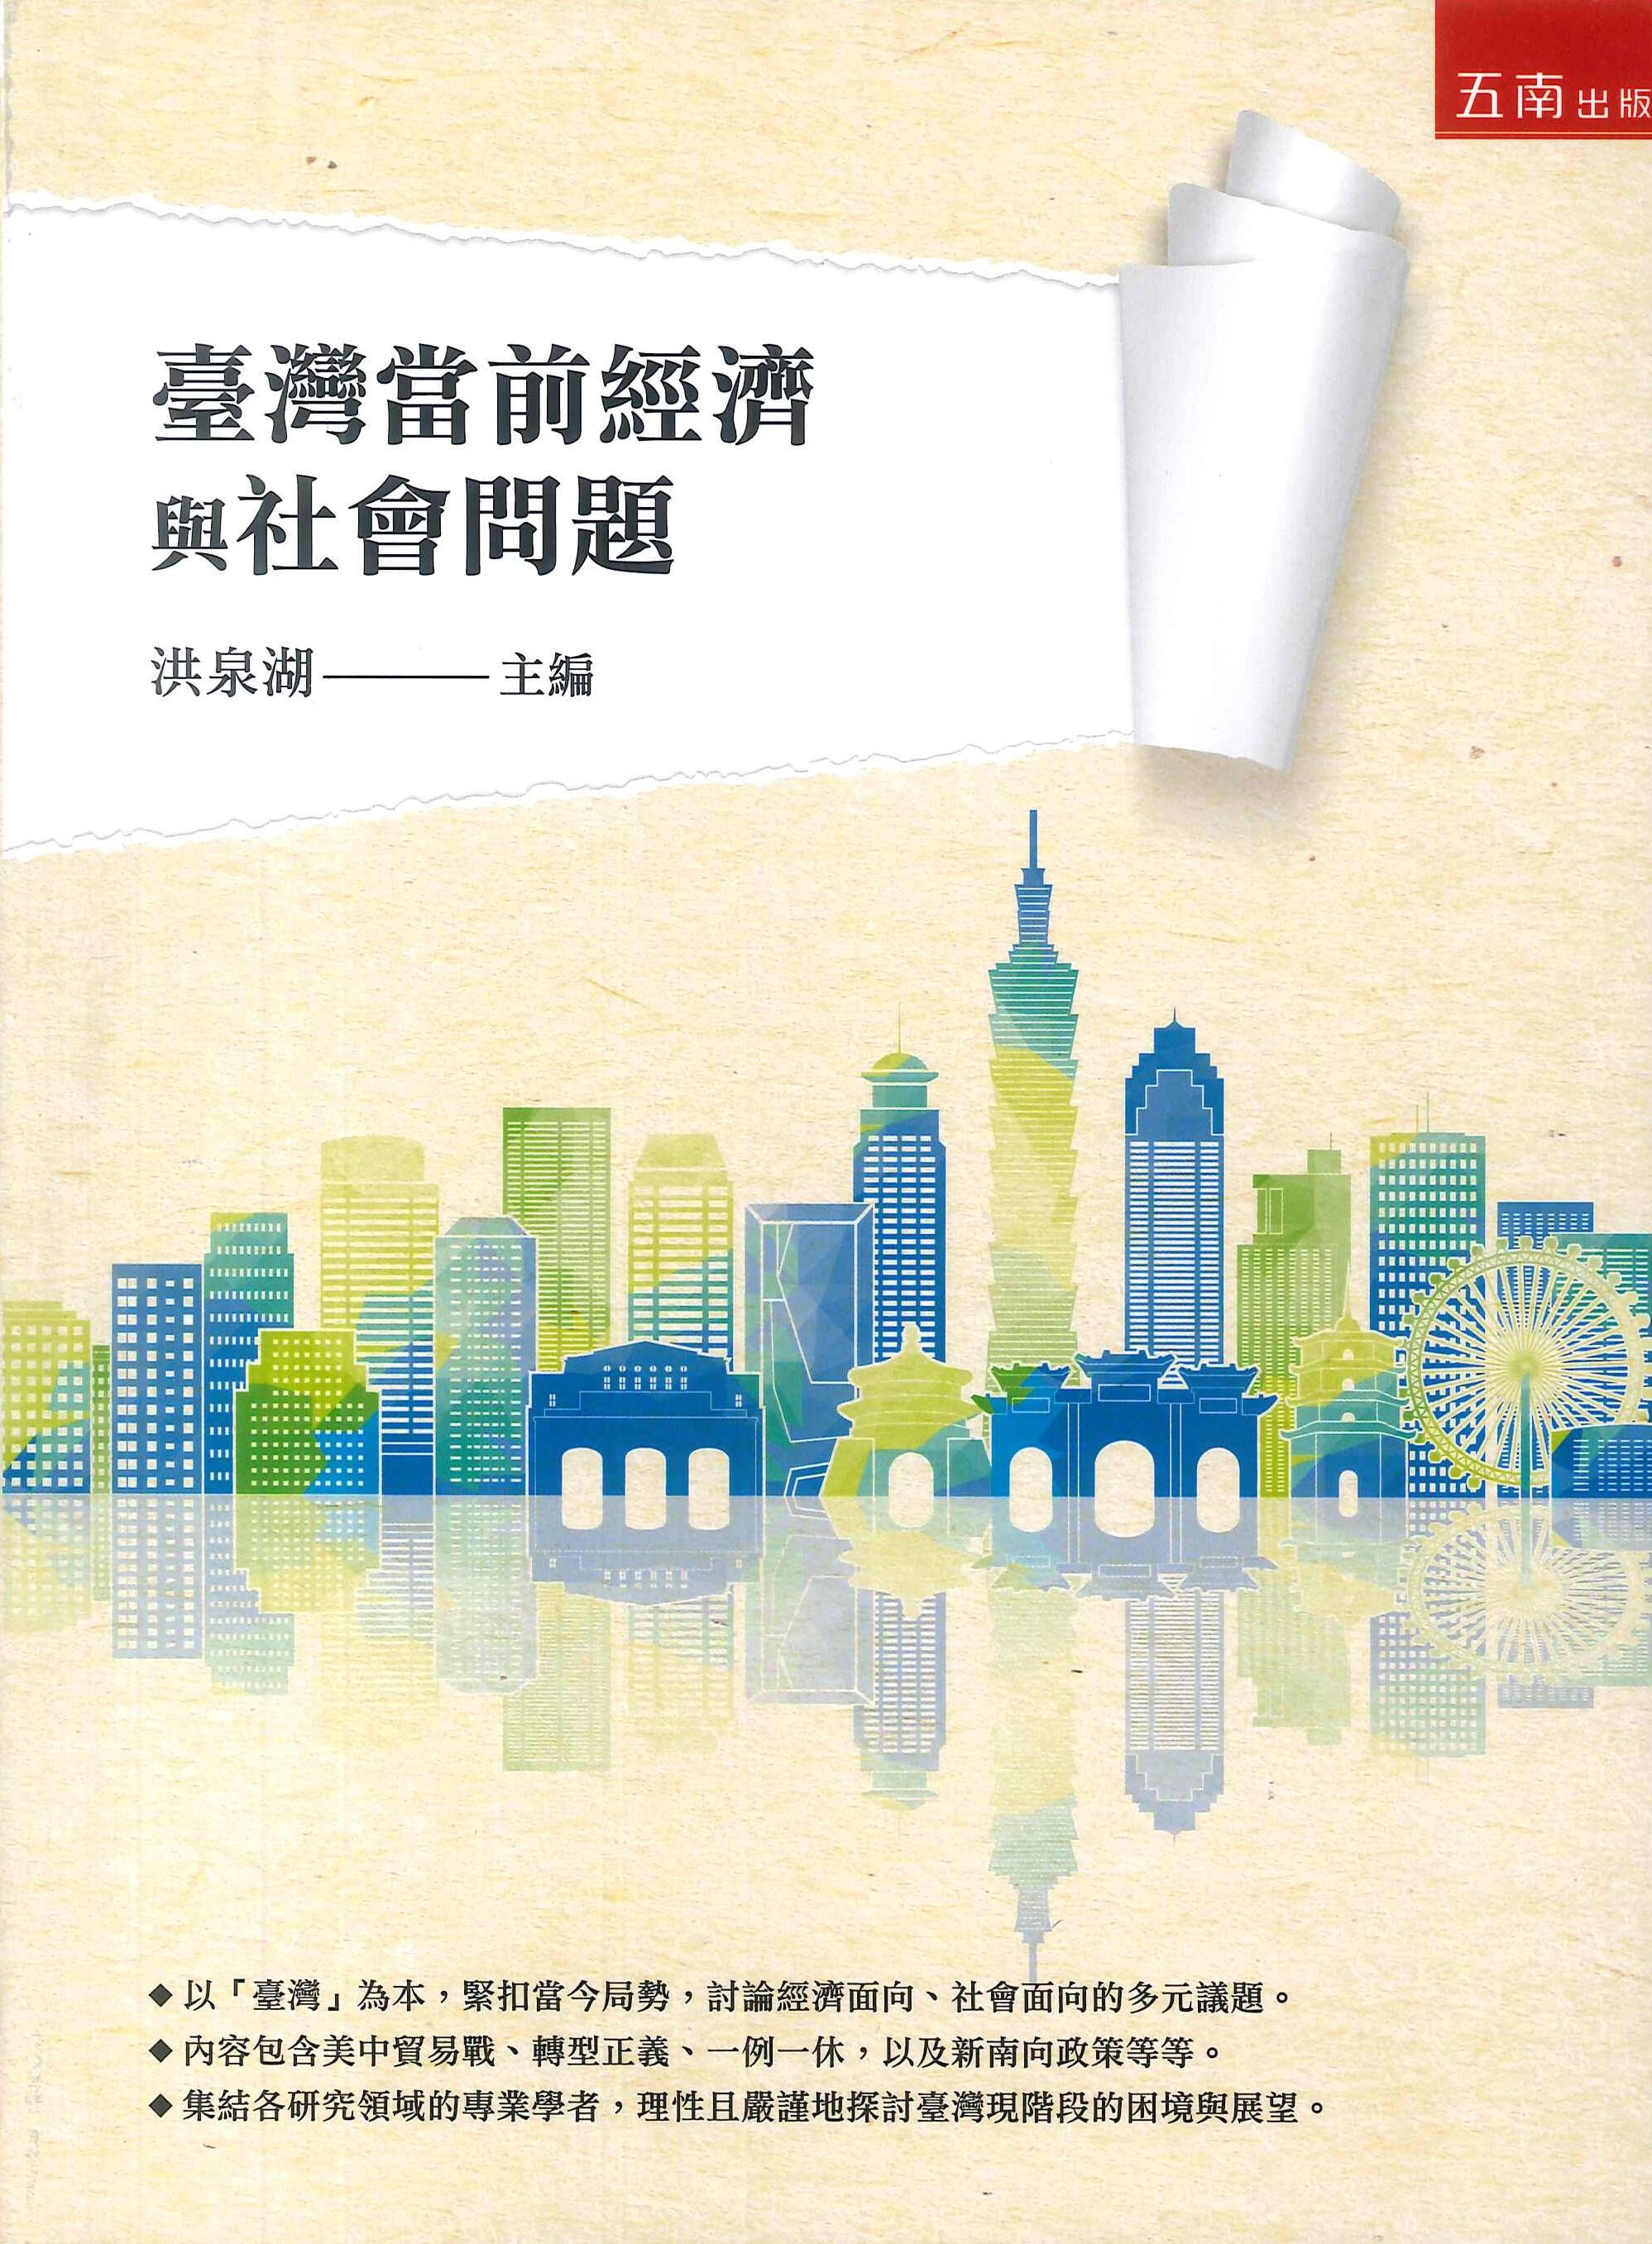 臺灣當前經濟與社會問題